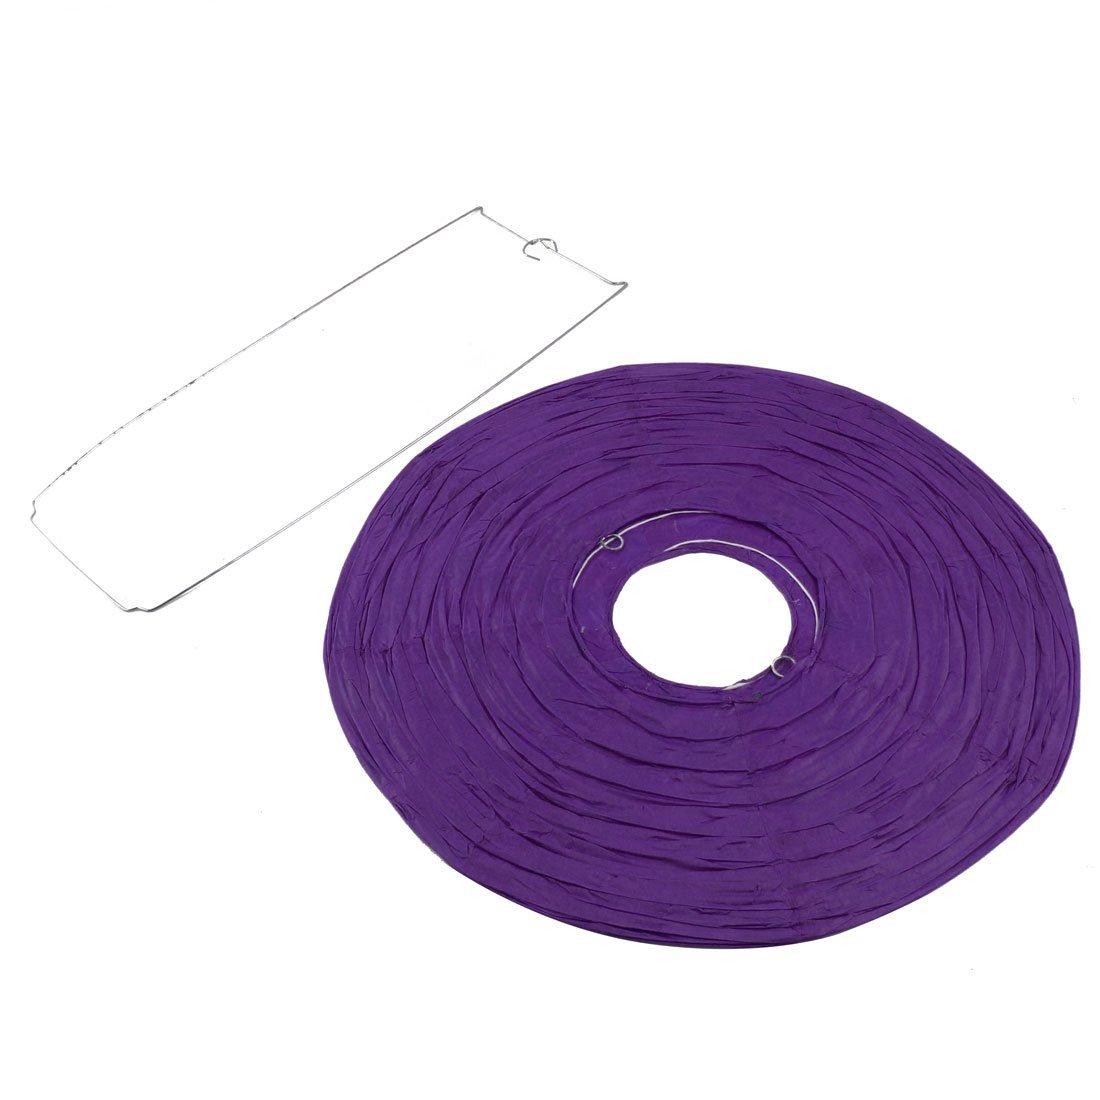 Amazon.com: eDealMax Forma bola del Partido de la linterna de la lámpara Luces de Cadena de Regalo de Navidad 16 pulgadas púrpura: Home & Kitchen